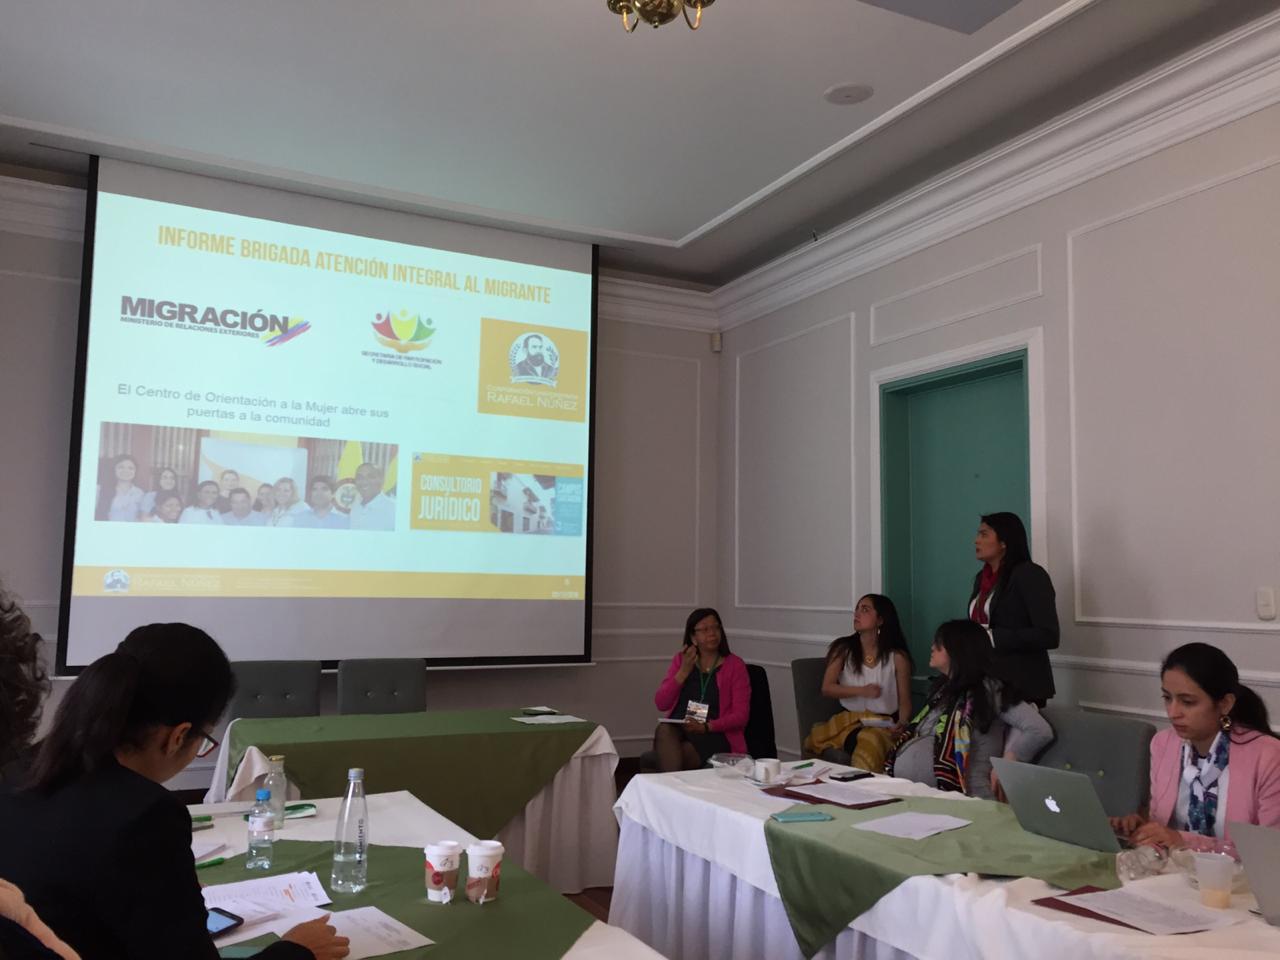 XVIII Encuentro de la Red Sociojurídica para reflexionar en torno a las migraciones en Colombia